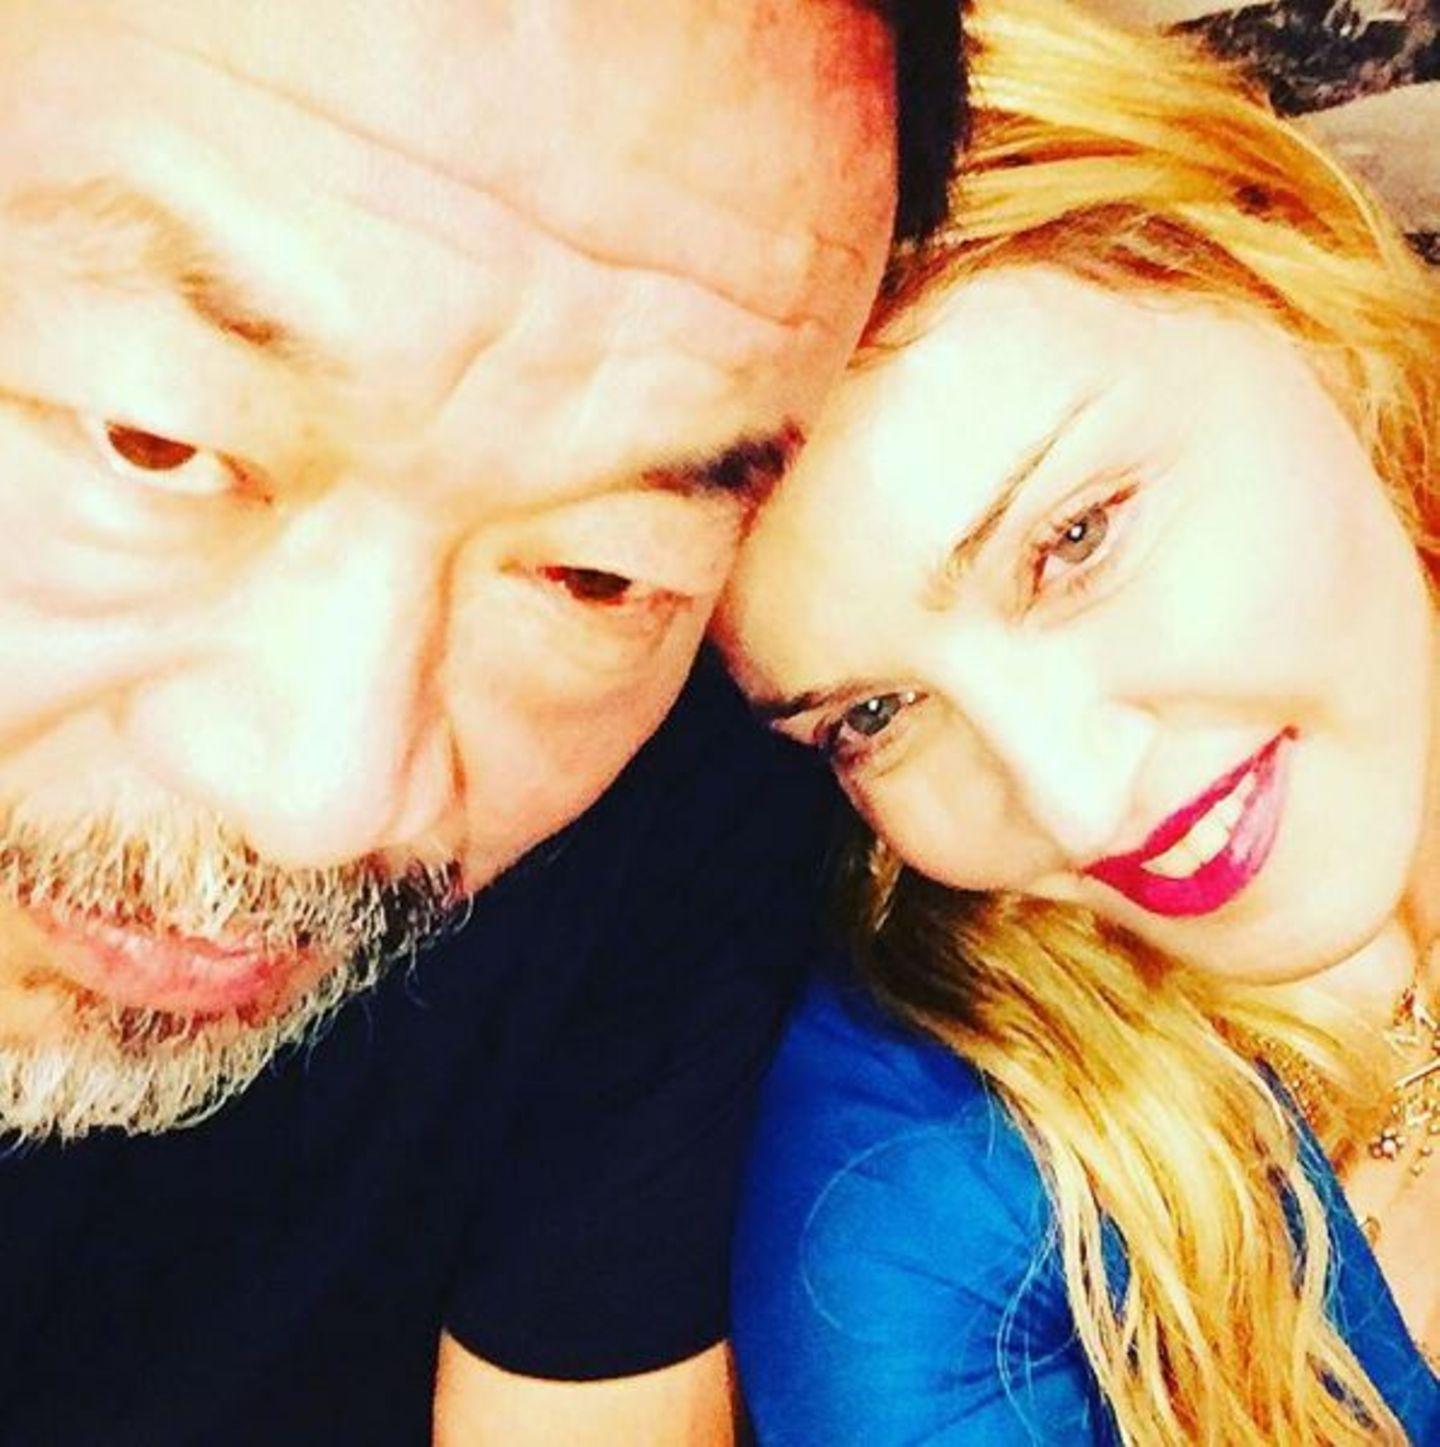 November 2016   Madonna trifft sich mit dem Künstler und Menschenrechtler Ai Weiwei zum Abendessen. Sie tauschen sich über Kunst, Freiheit und Liebe aus.